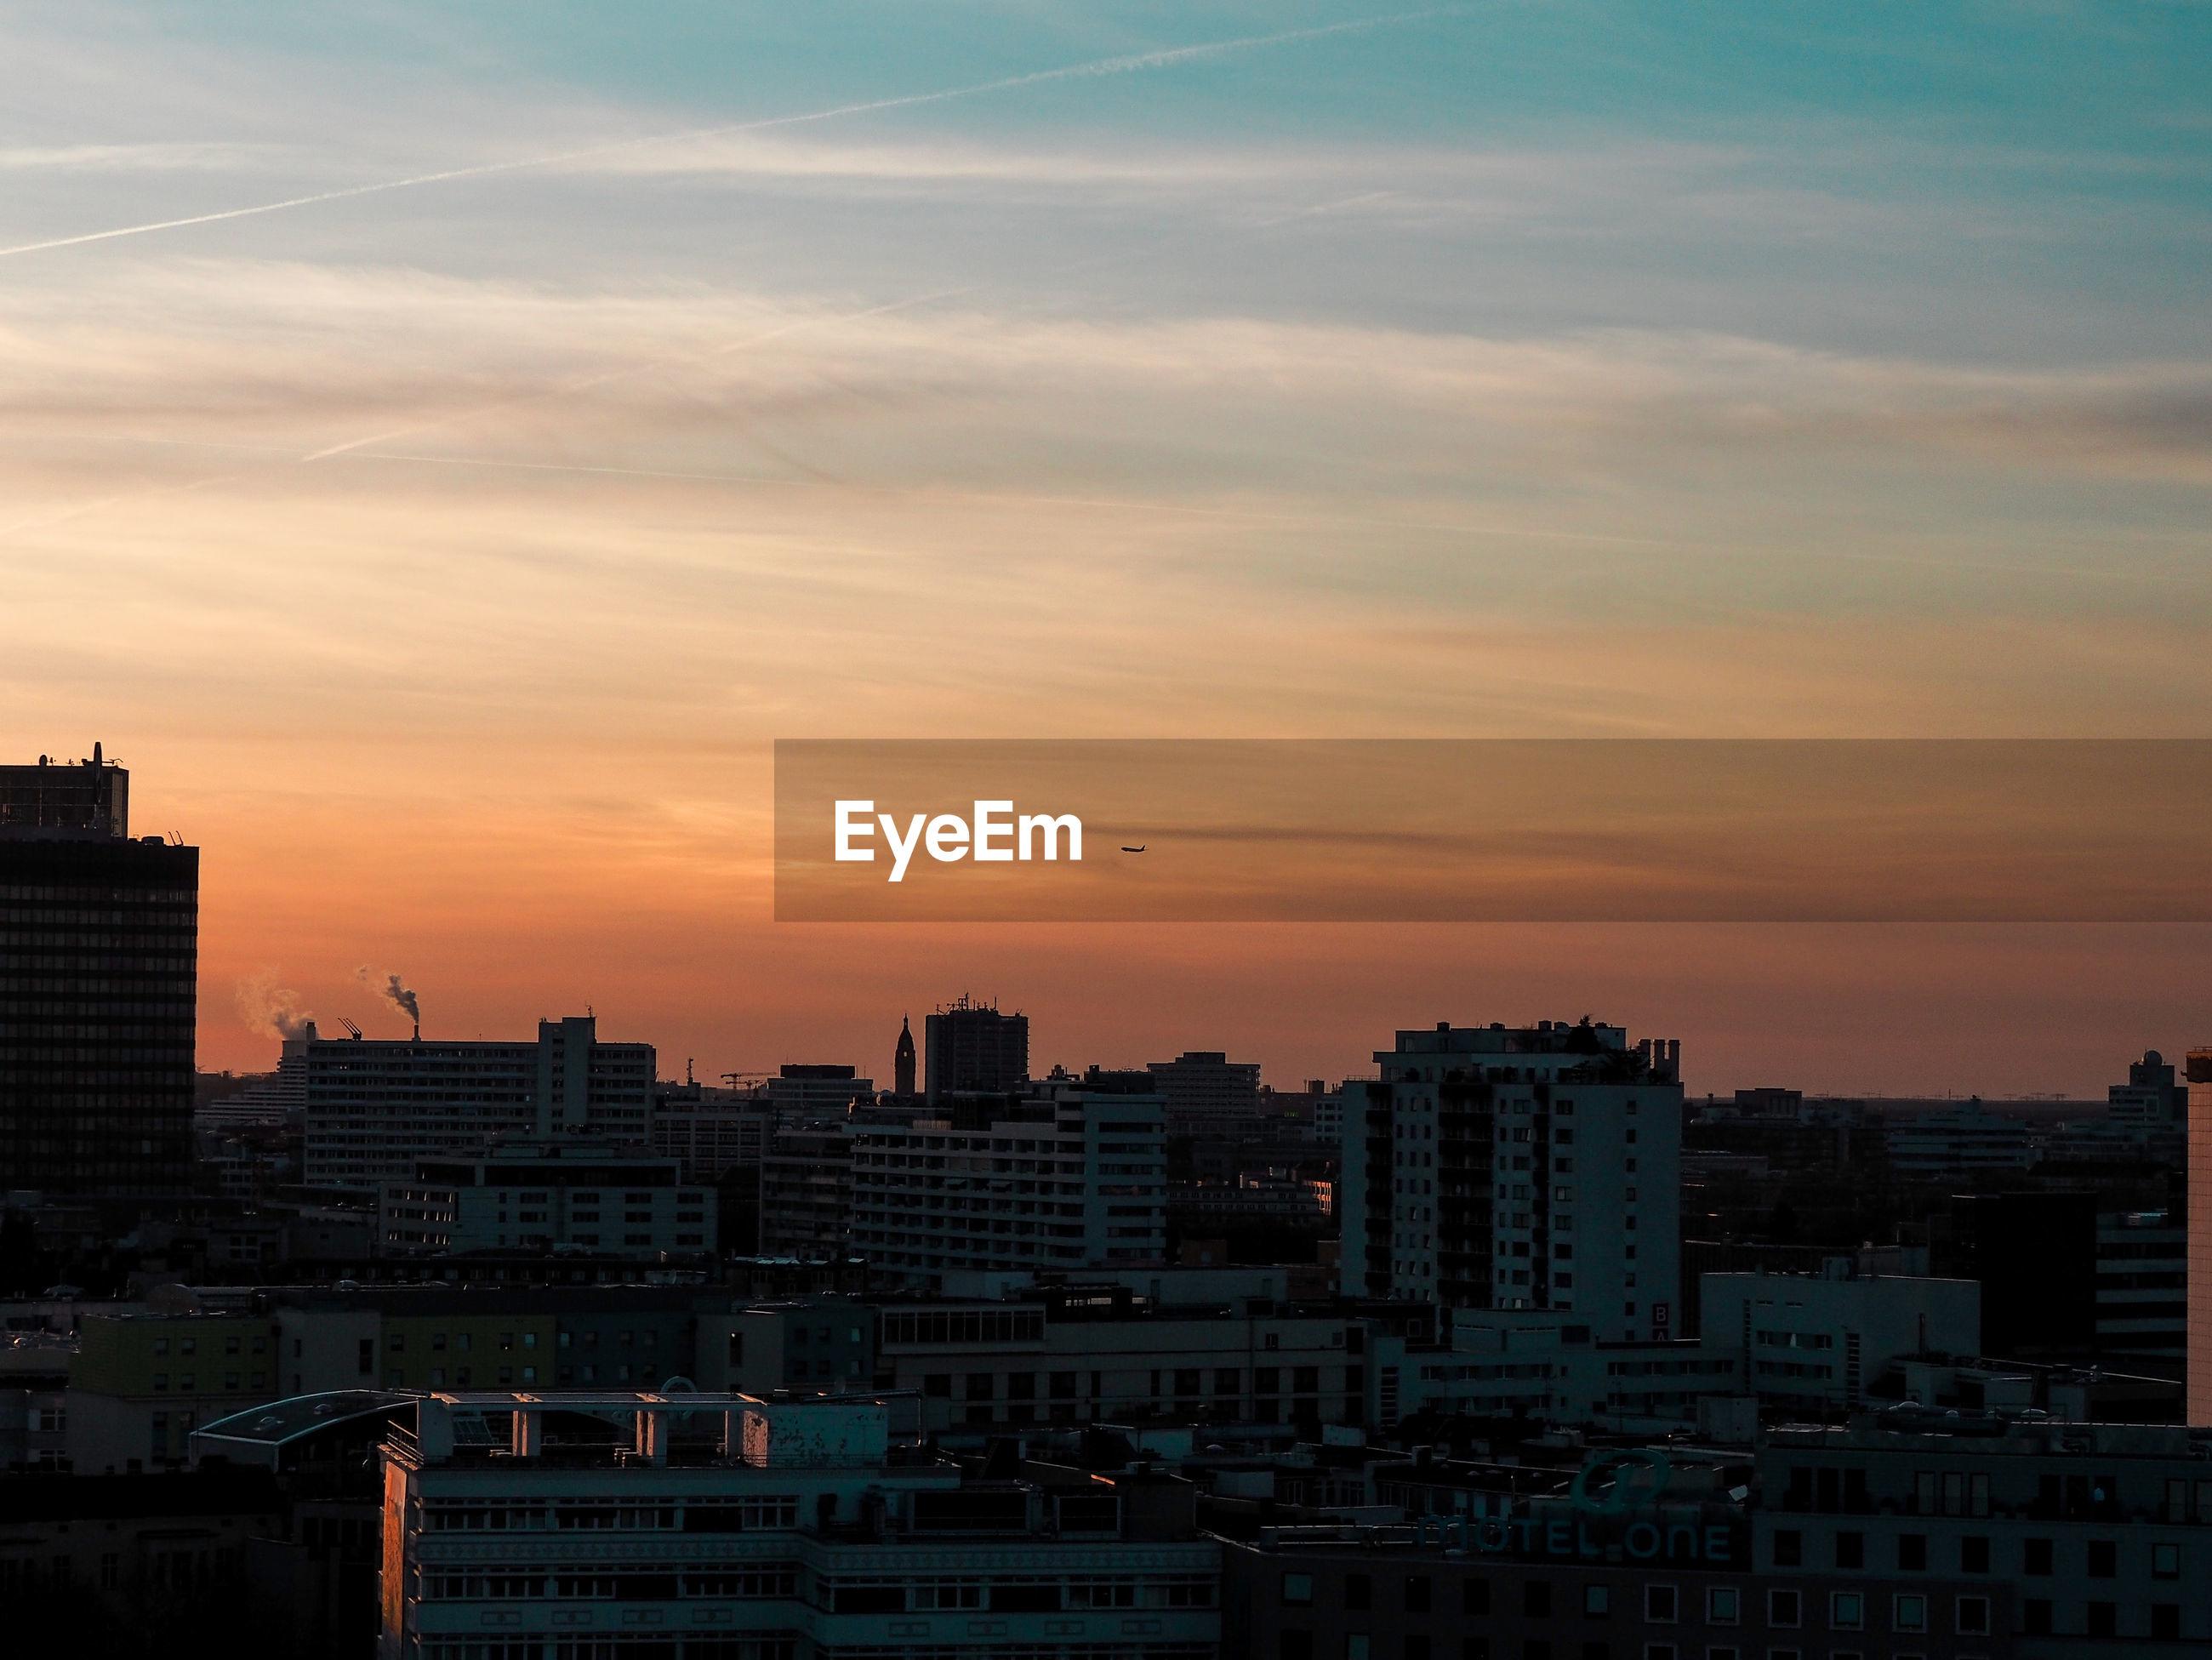 MODERN BUILDINGS IN CITY AGAINST ROMANTIC SKY